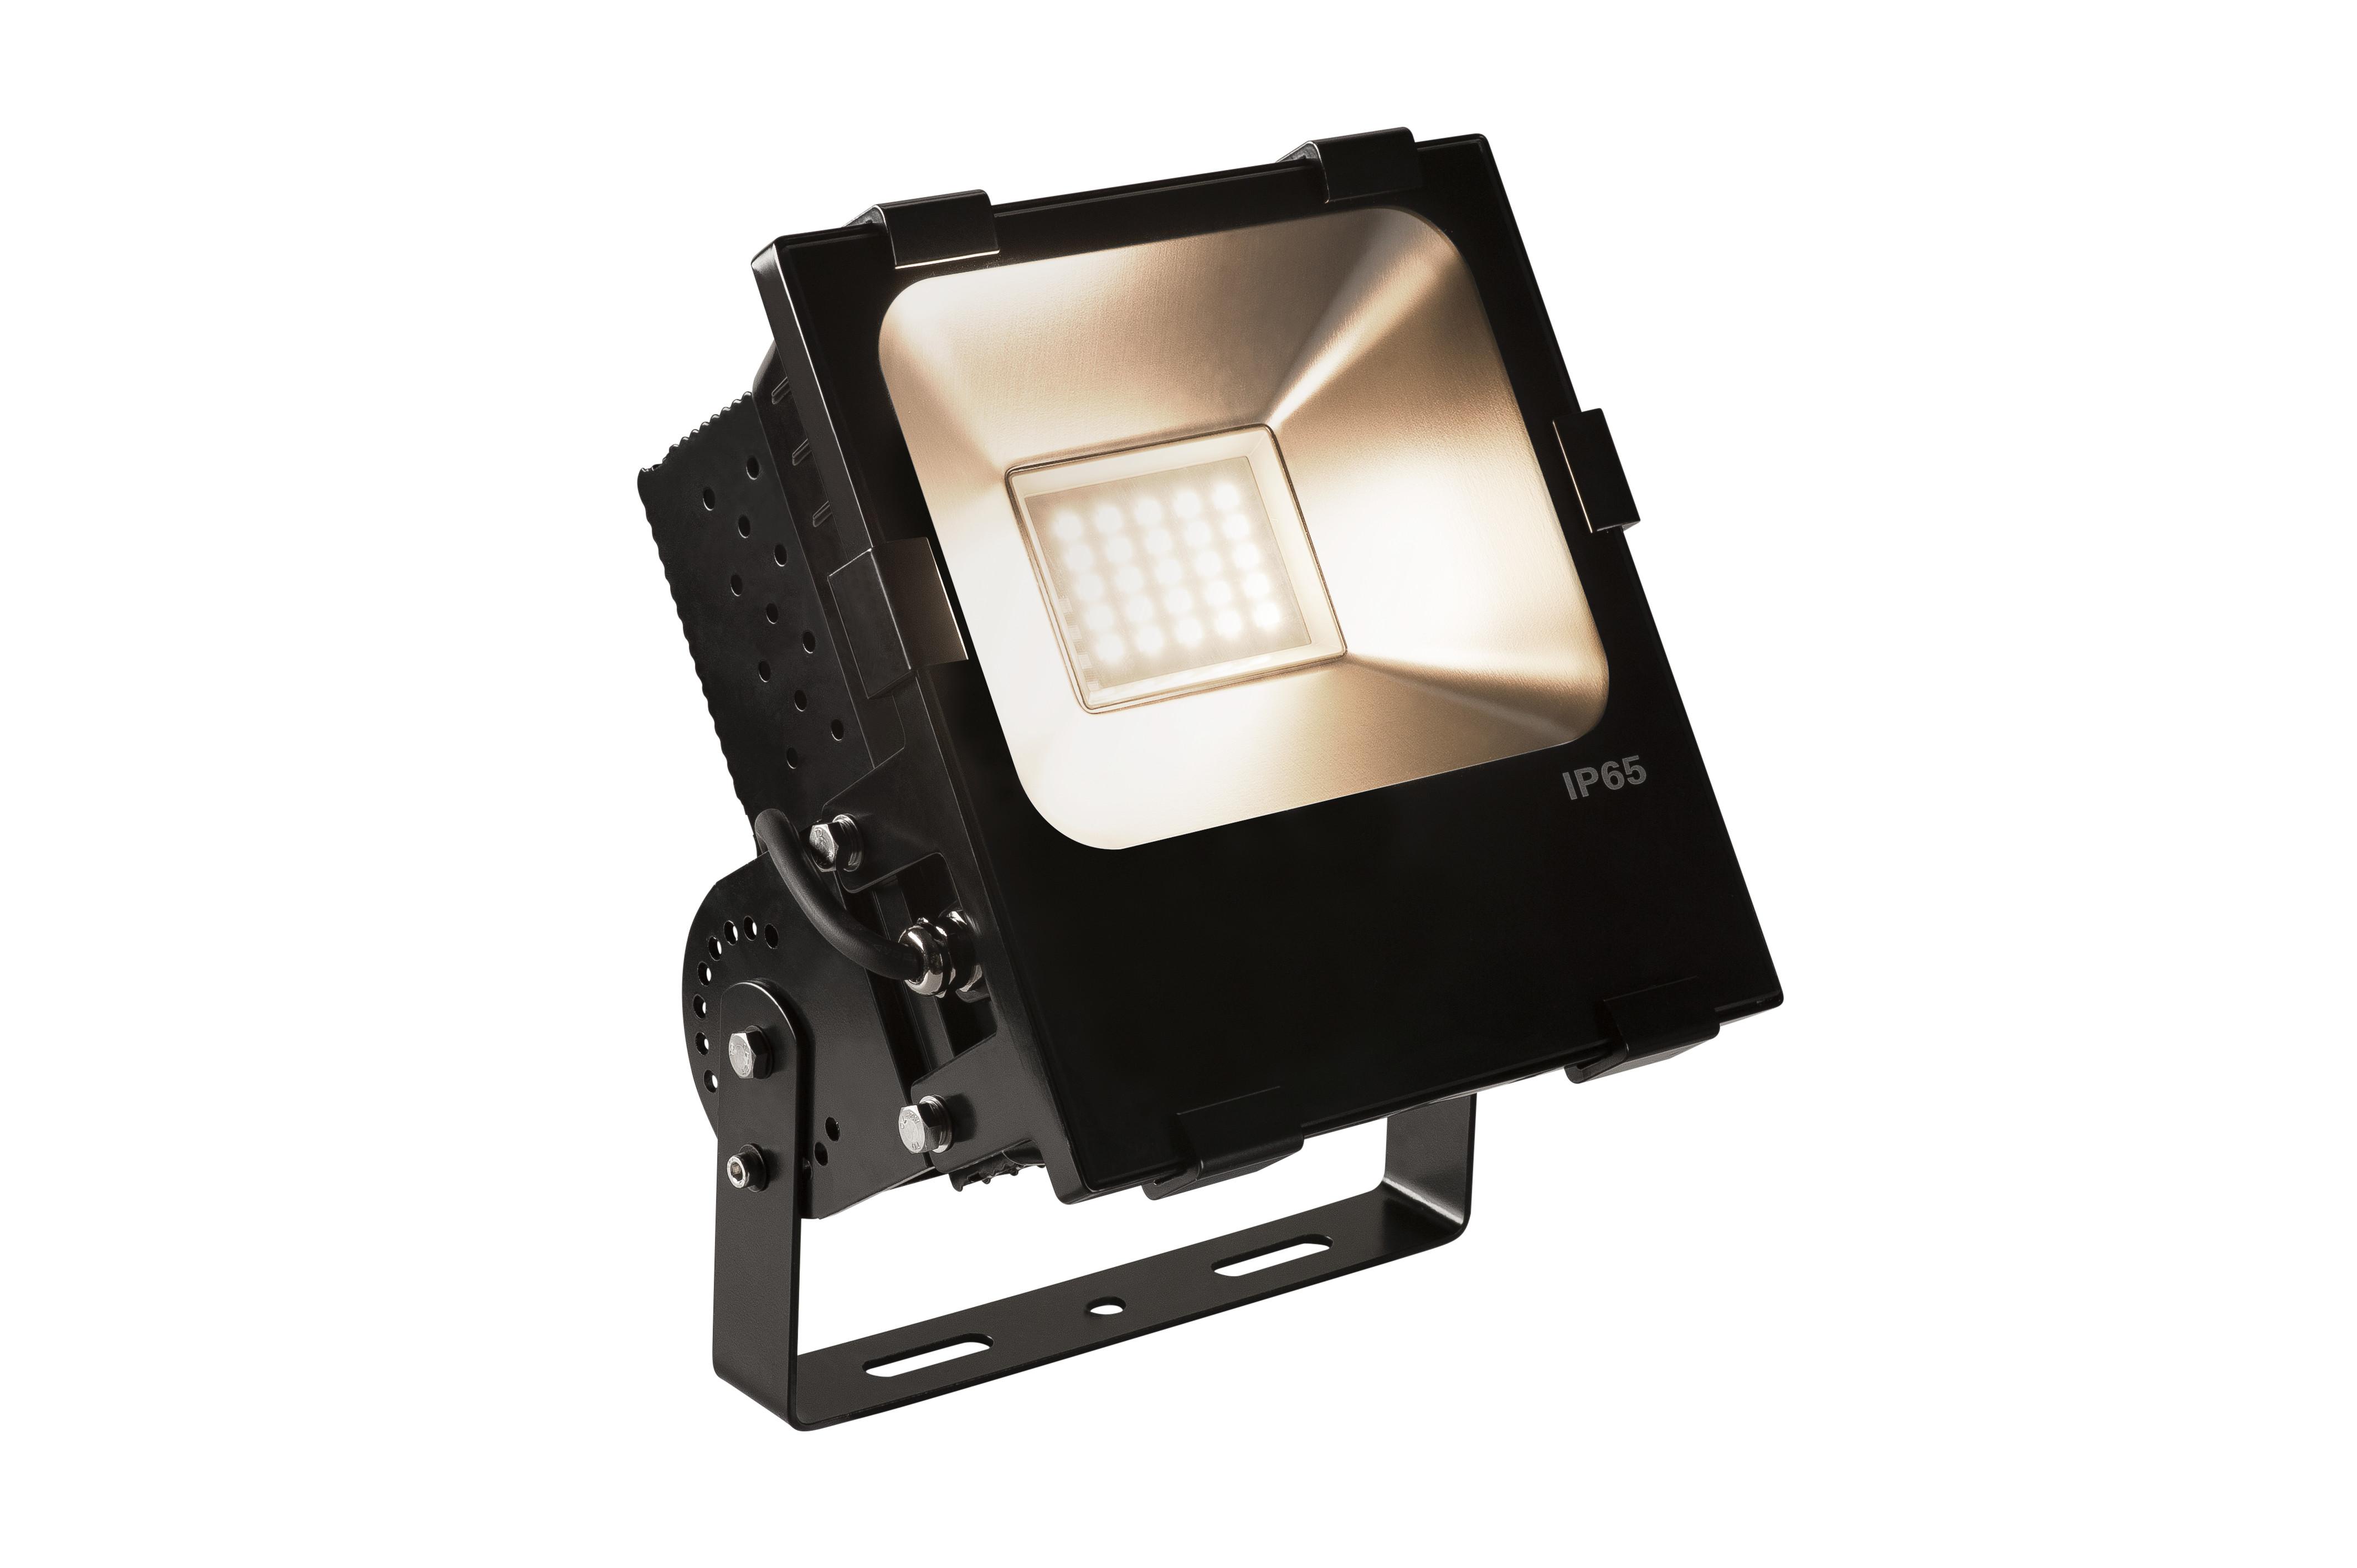 1 Stk DISOS LED Outdoor Flutlicht, schwarz, 3000K, 100W, IP65  LI1000806-